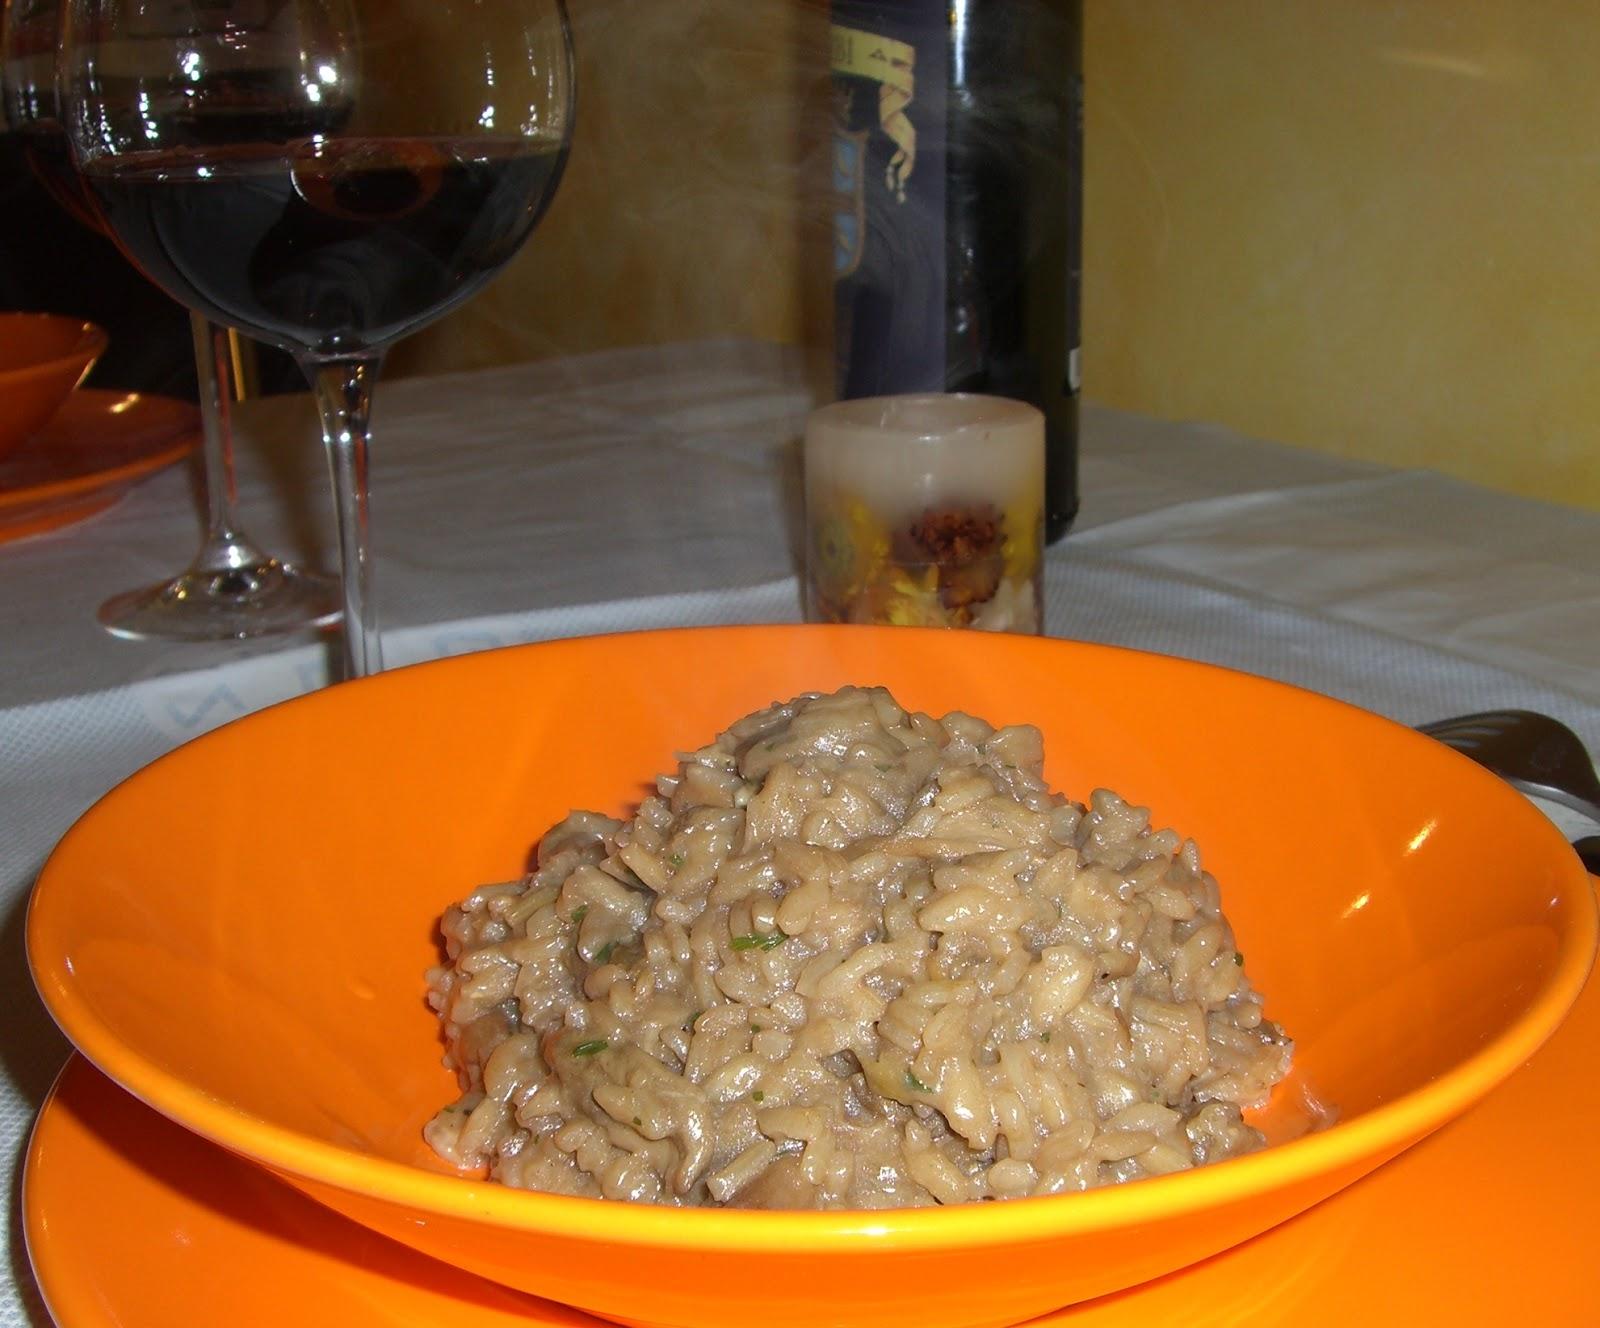 Cucinare assaporare bere e dintorni risotto ai funghi porcini secchi - Funghi secchi a bagno ...